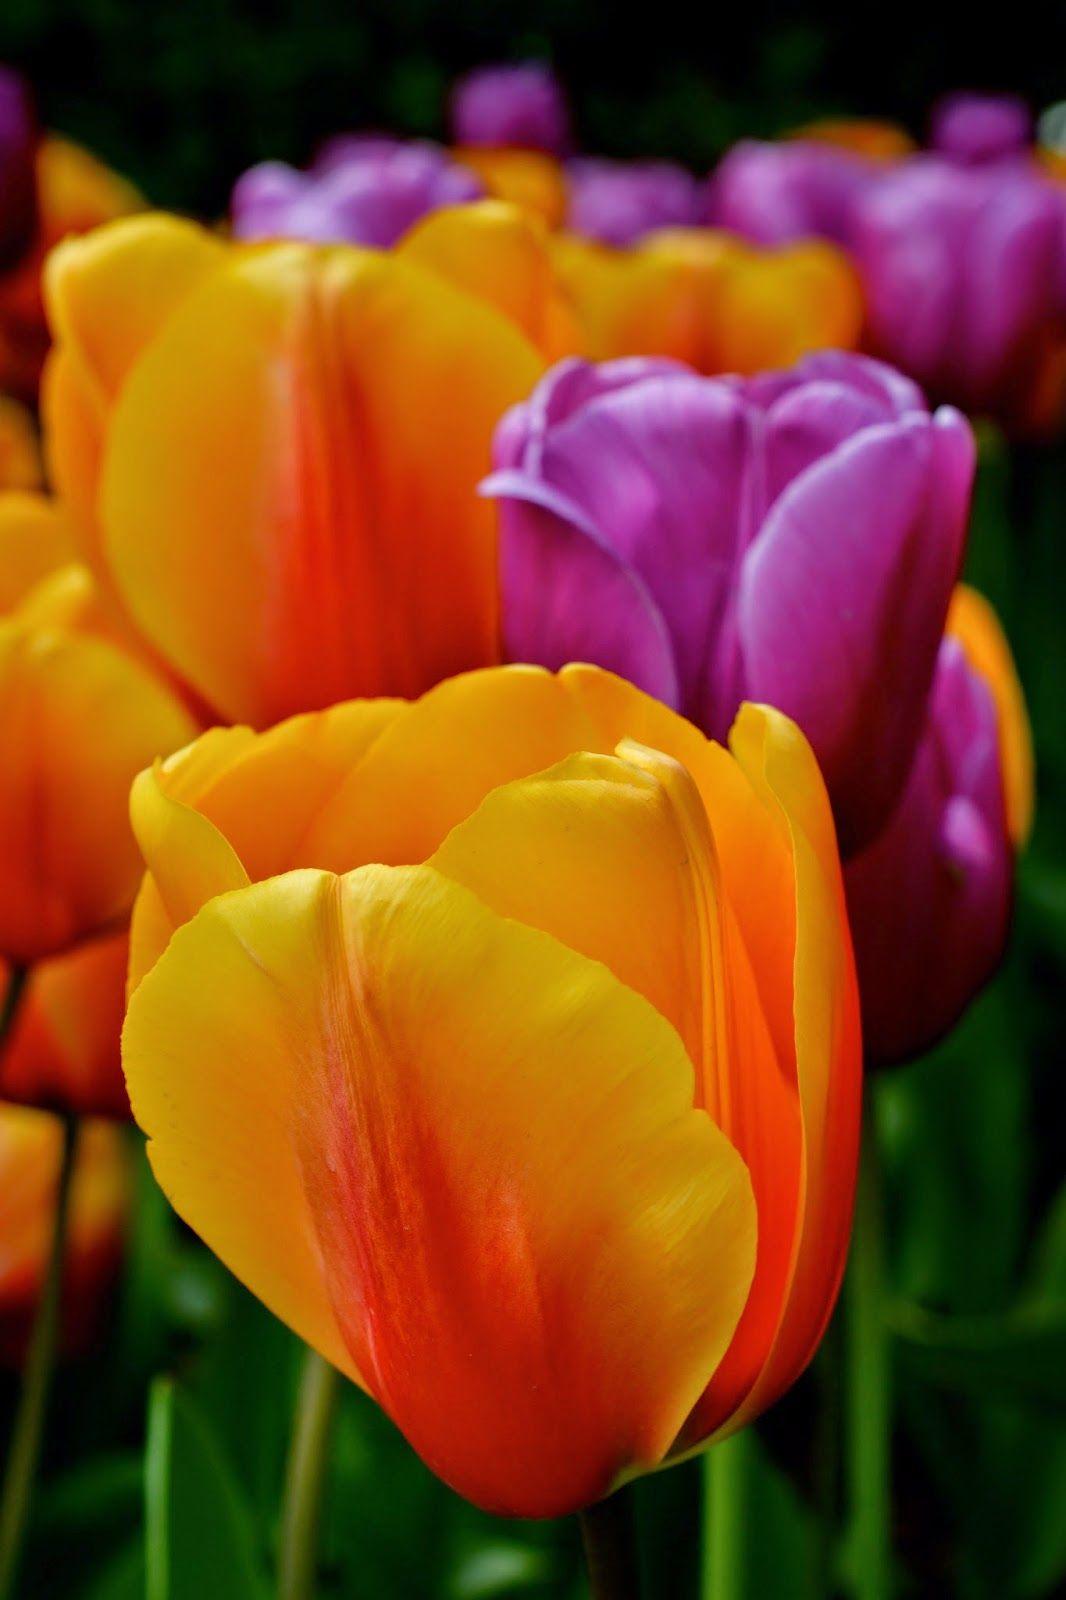 Zillions Of Tulips Tulips Flowers Petals